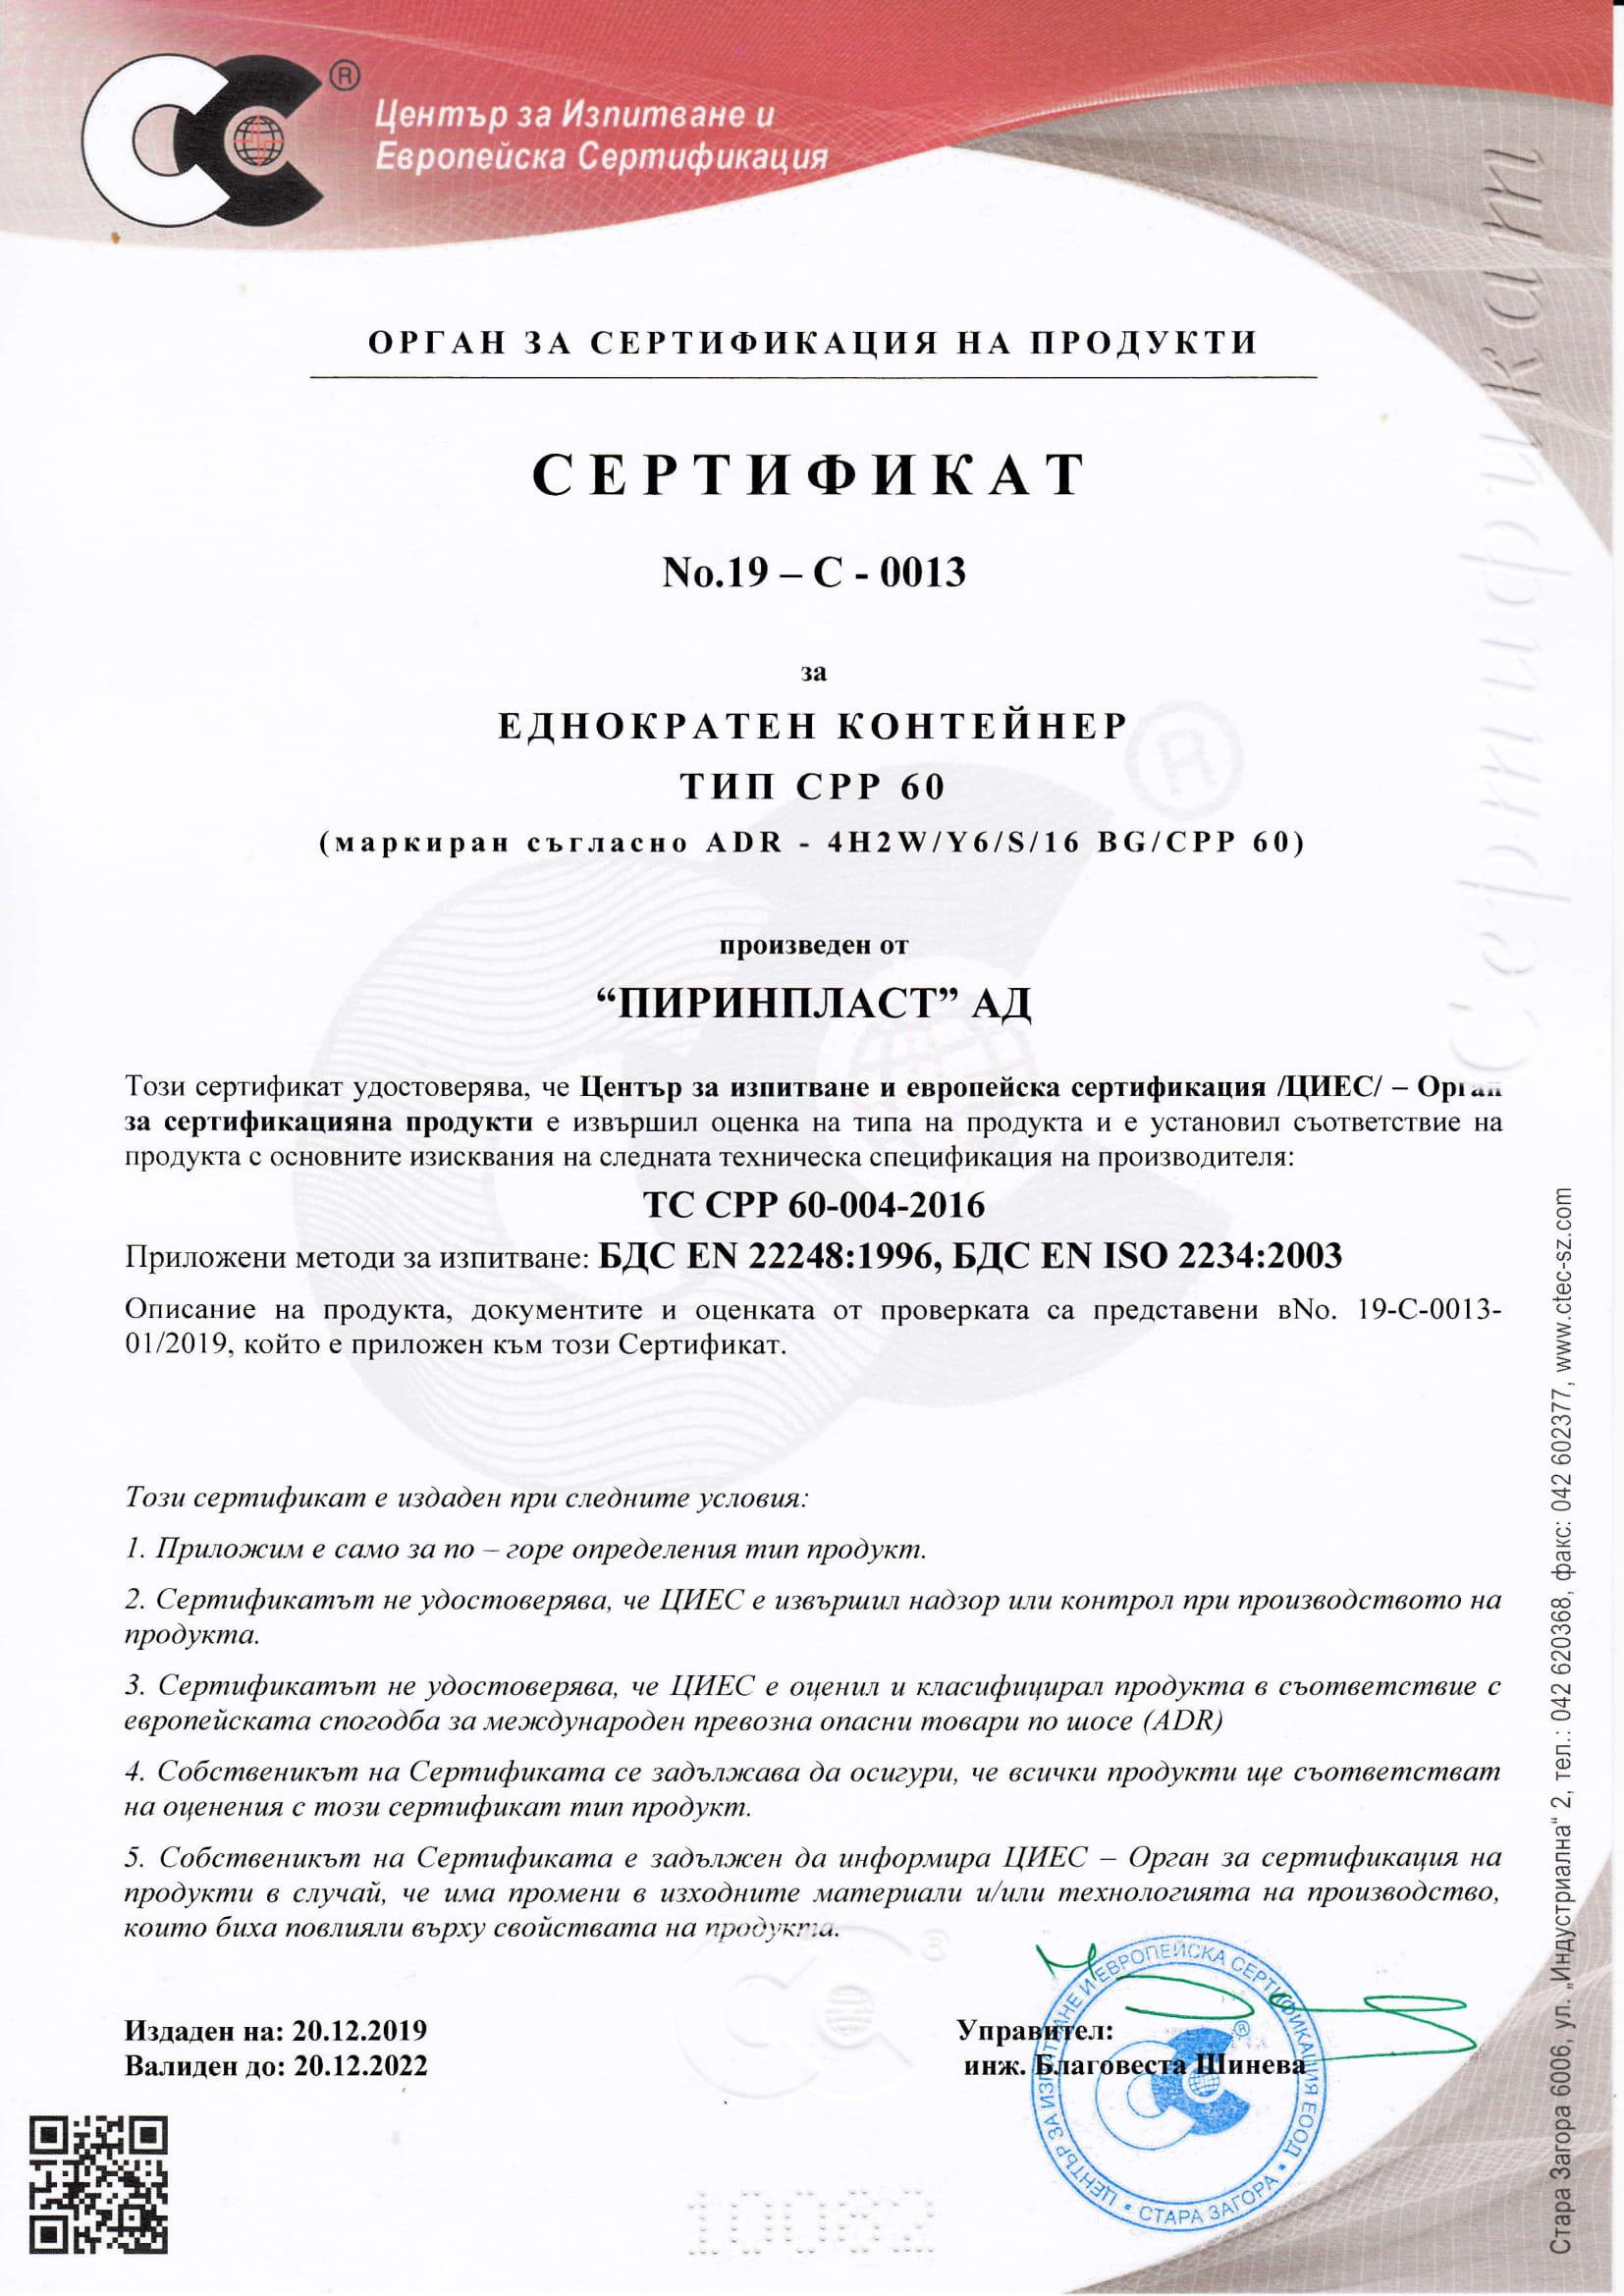 Сртификат СРР 60-1